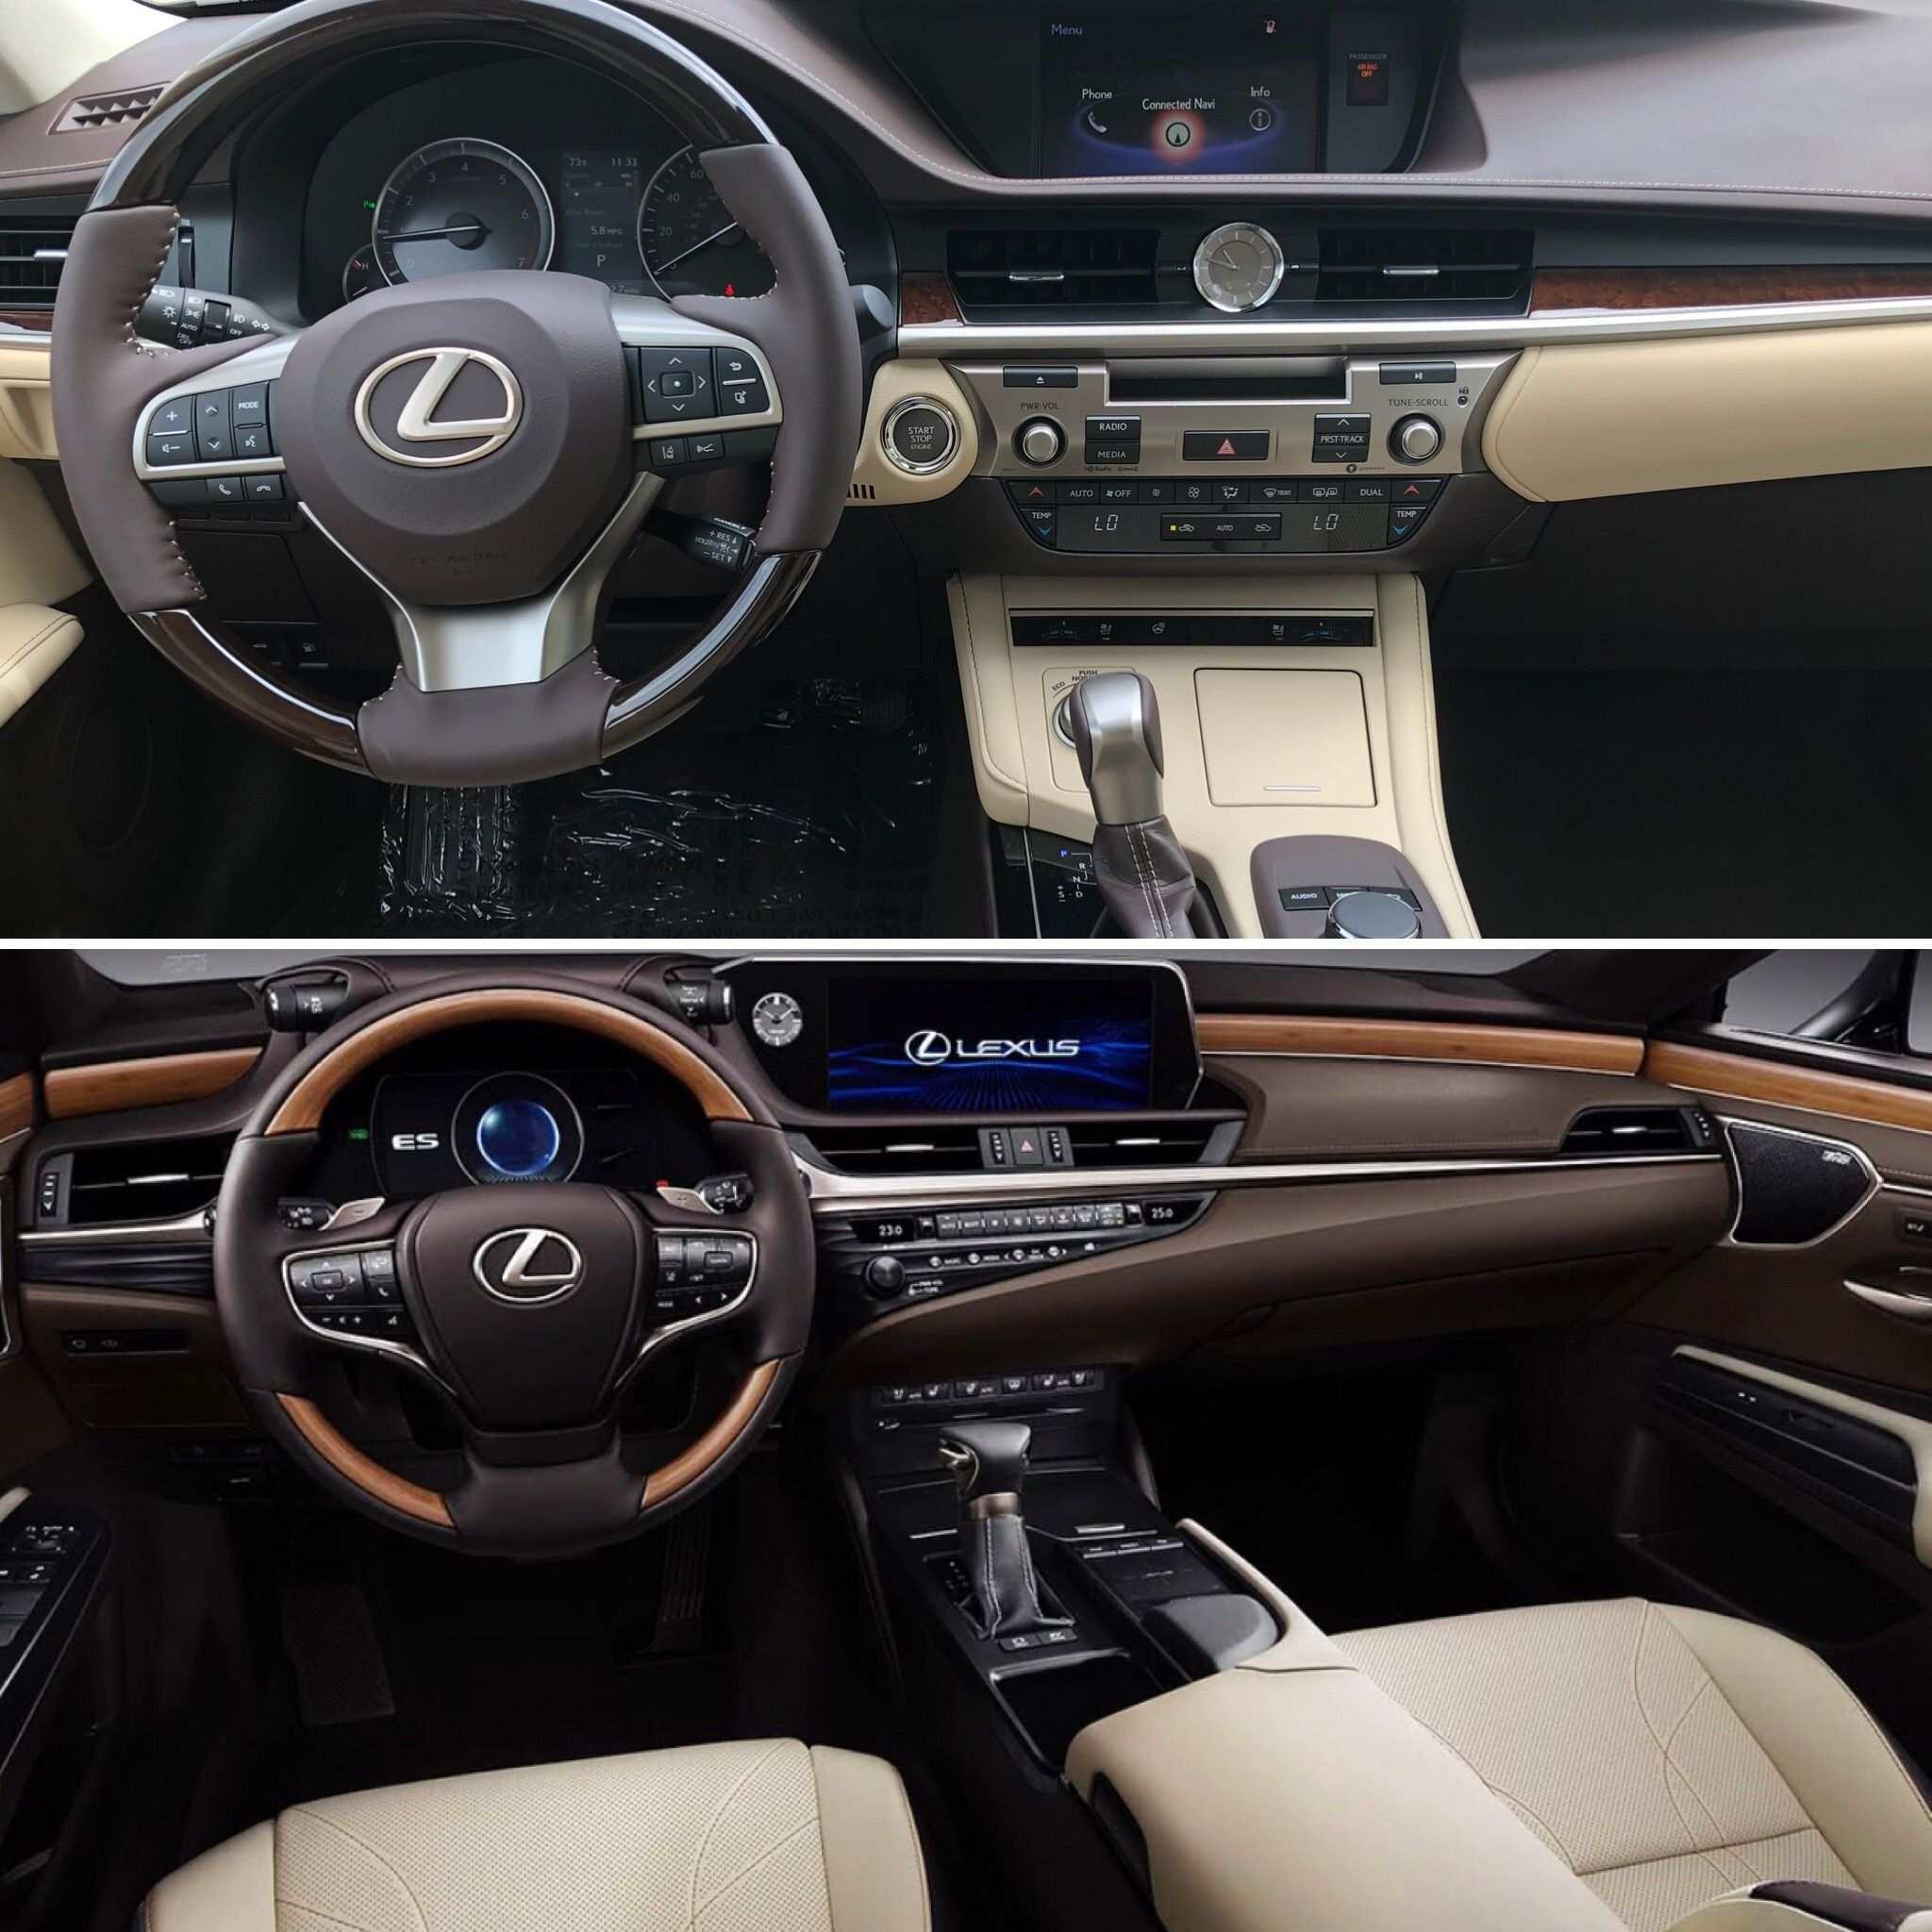 59 The Lexus Es 2019 Vs 2018 New Review for Lexus Es 2019 Vs 2018